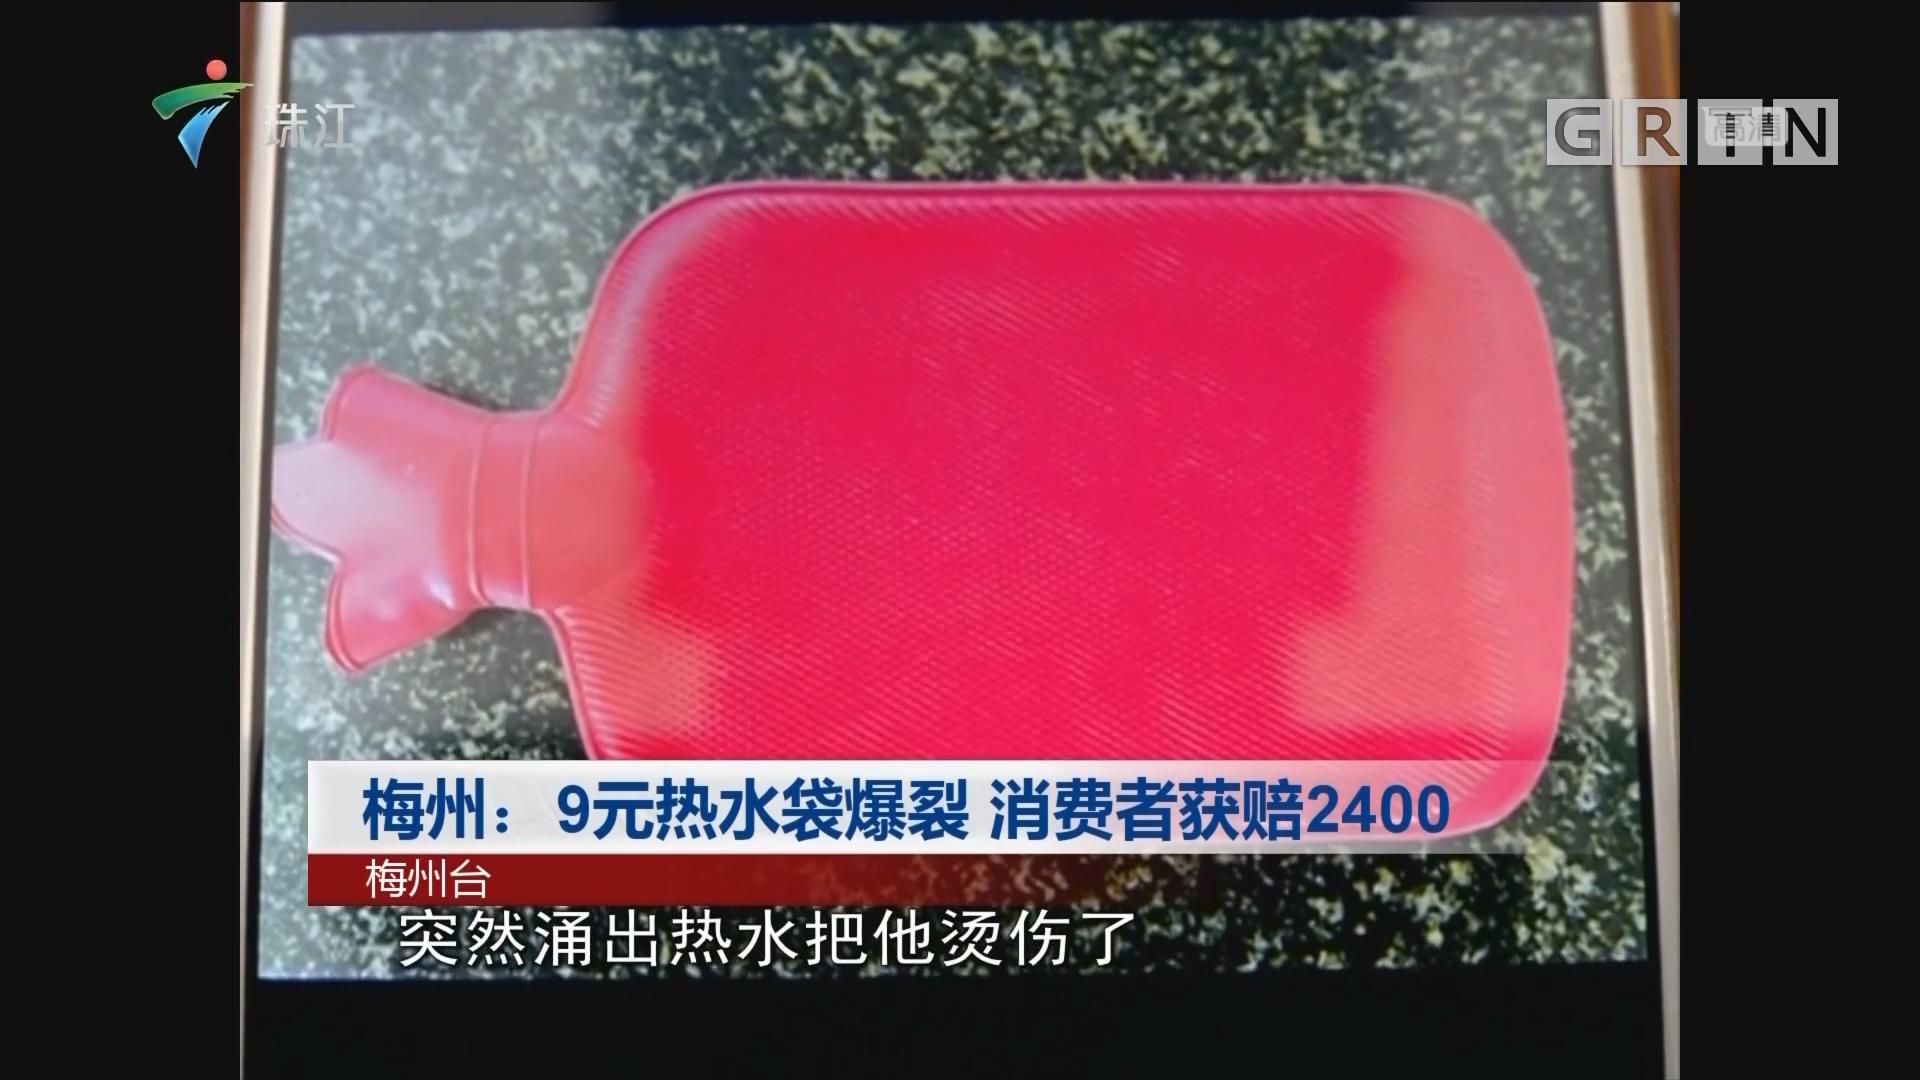 梅州:9元热水袋爆裂 消费者获赔2400